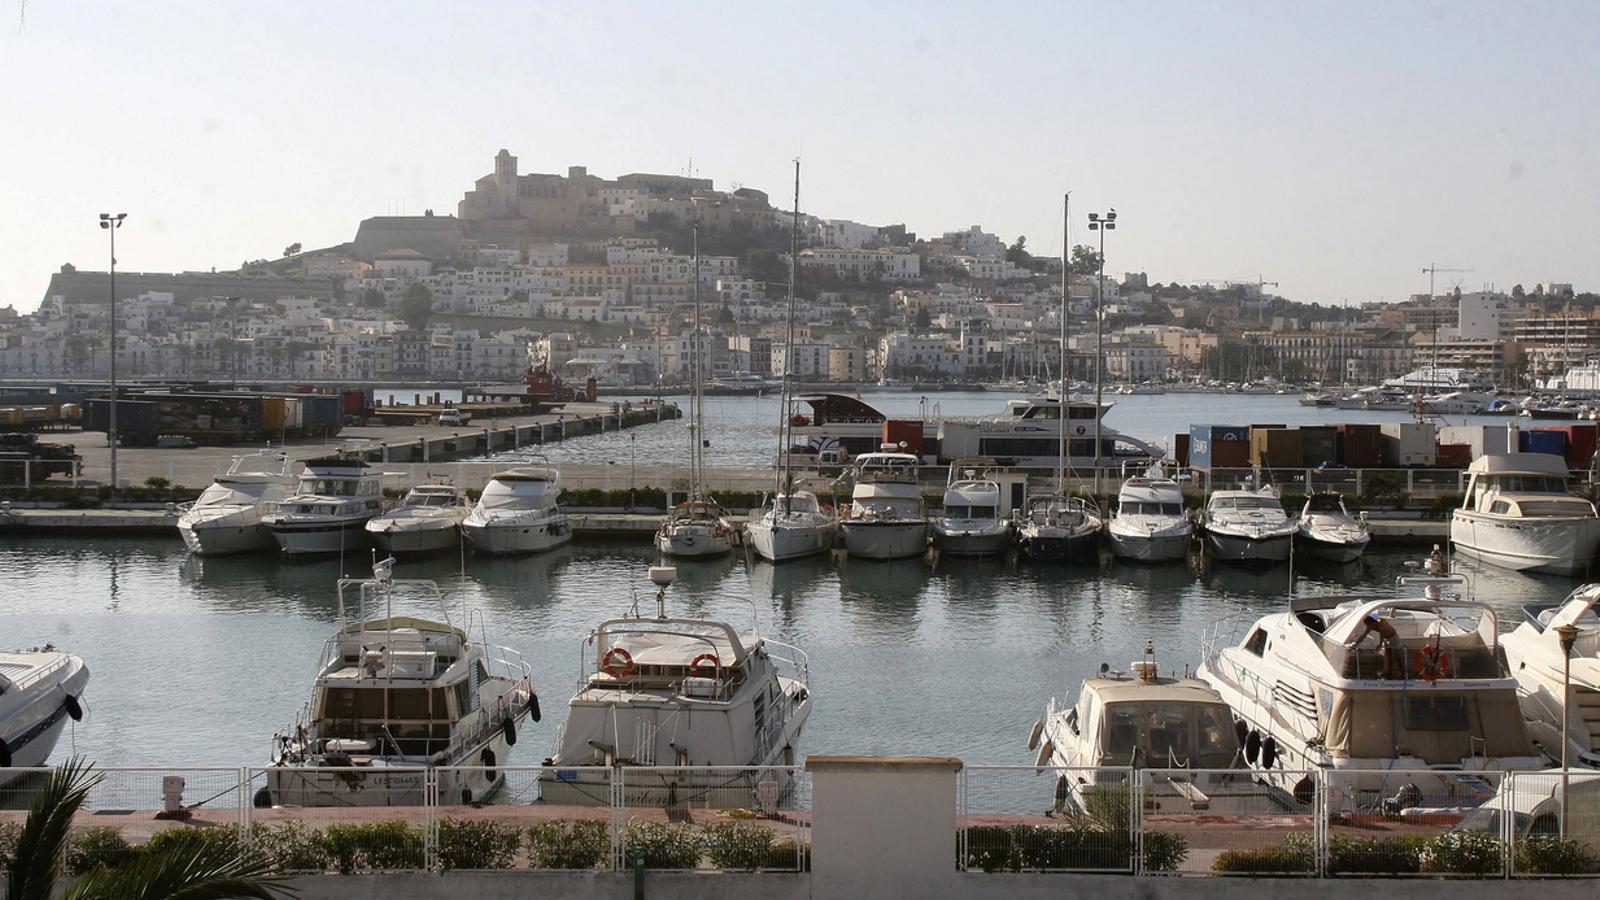 La temporada turística planteja grans interrogants per Menorca, Eivissa i Formentera